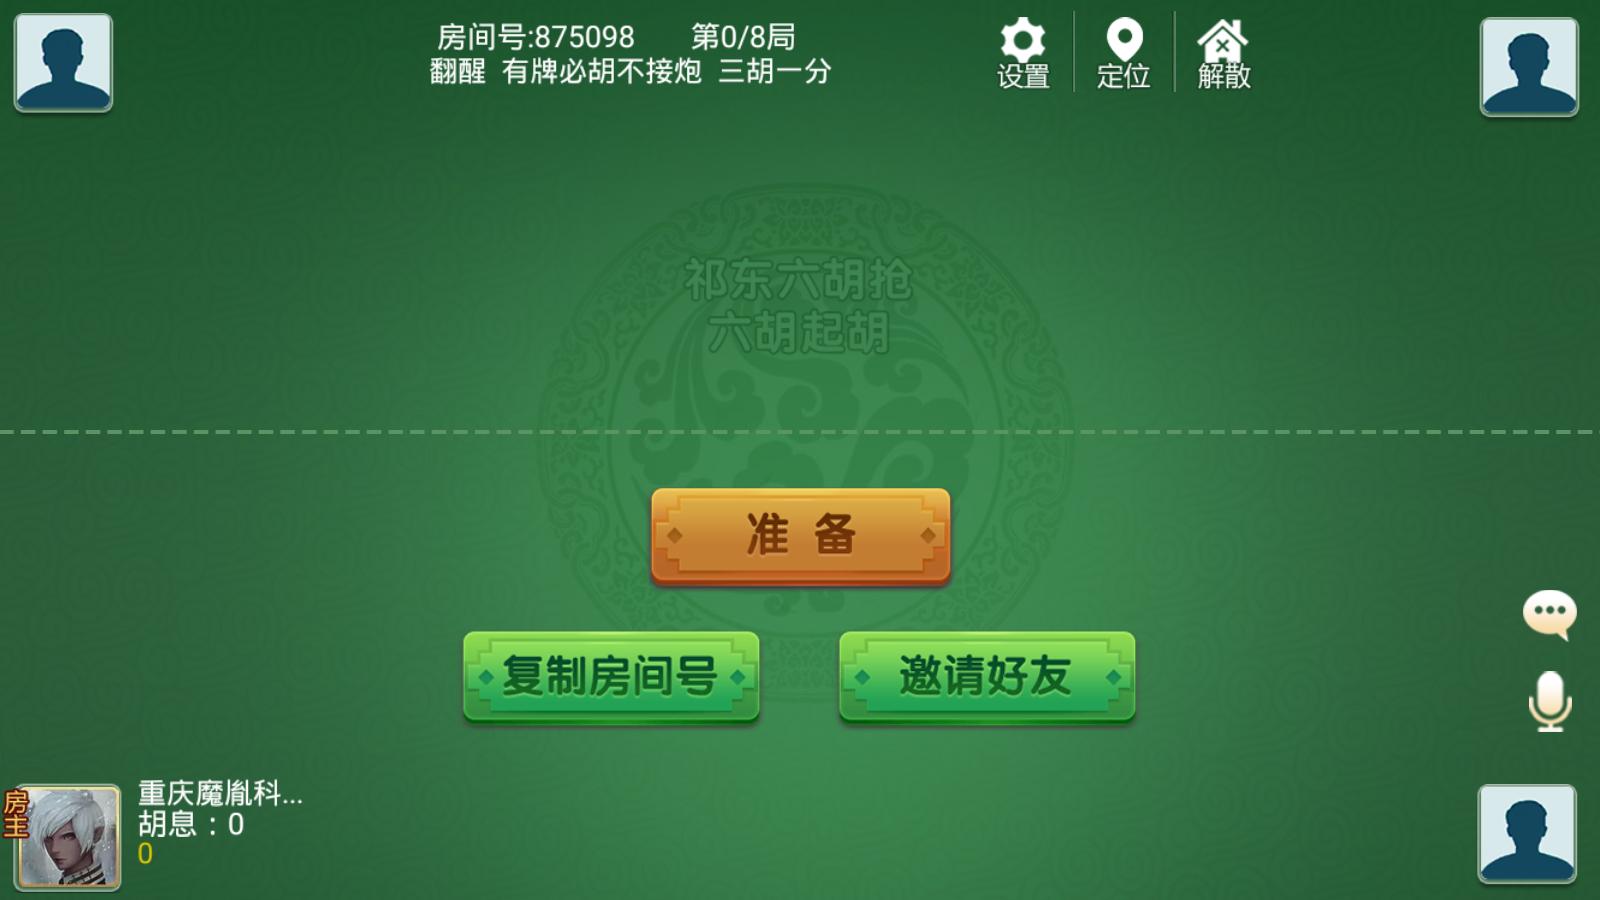 网狐二开跑胡子合集 麻将游戏 字牌游戏 扑克游戏 完整整理-第21张